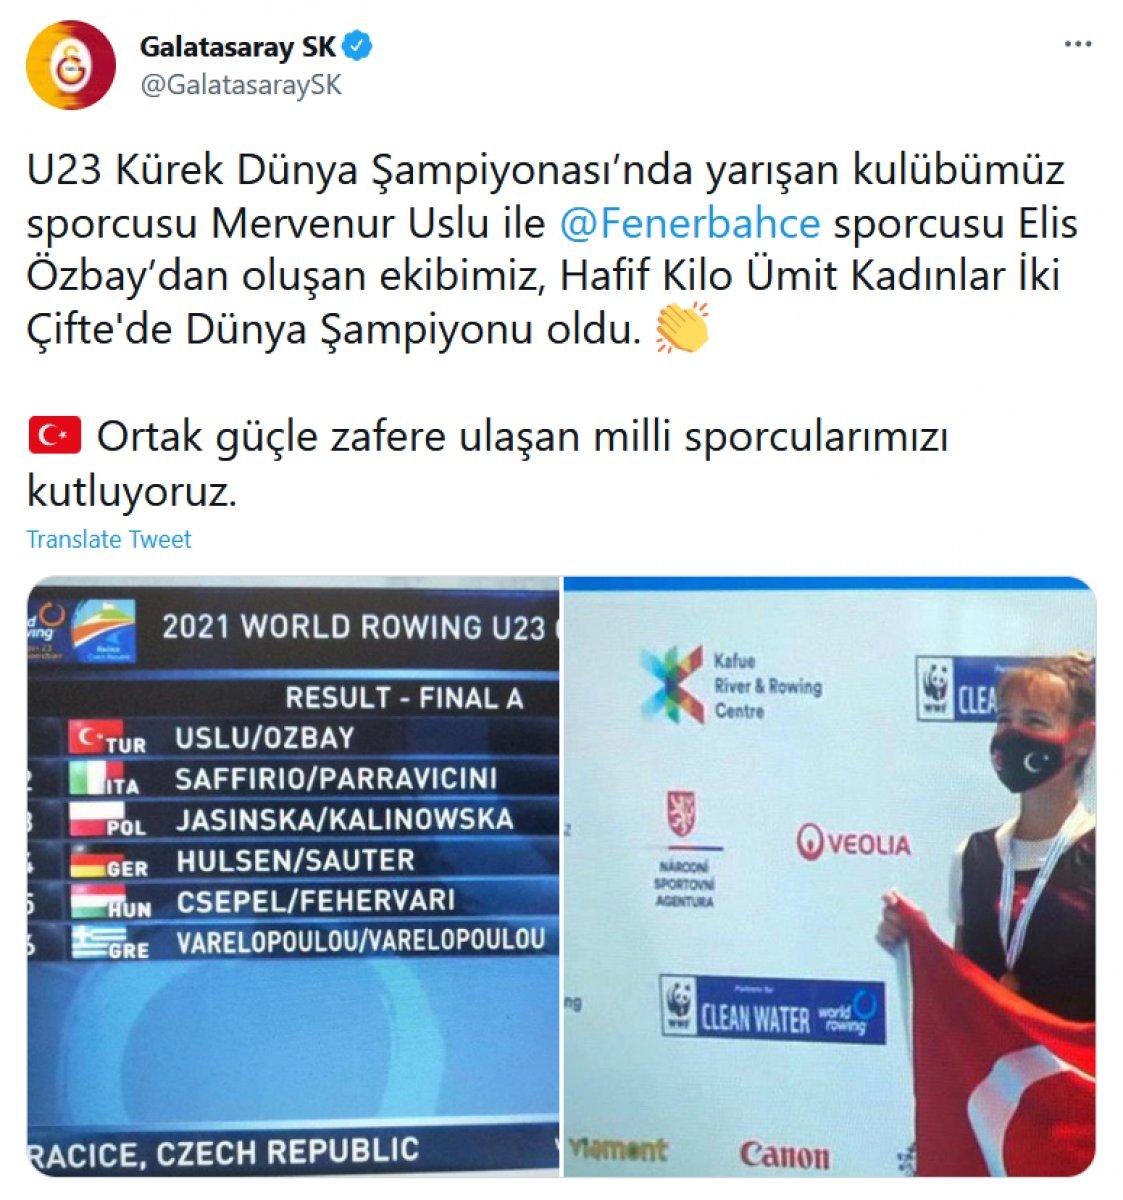 Galatasaray ve Fenerbahçe den ortak paylaşım #1